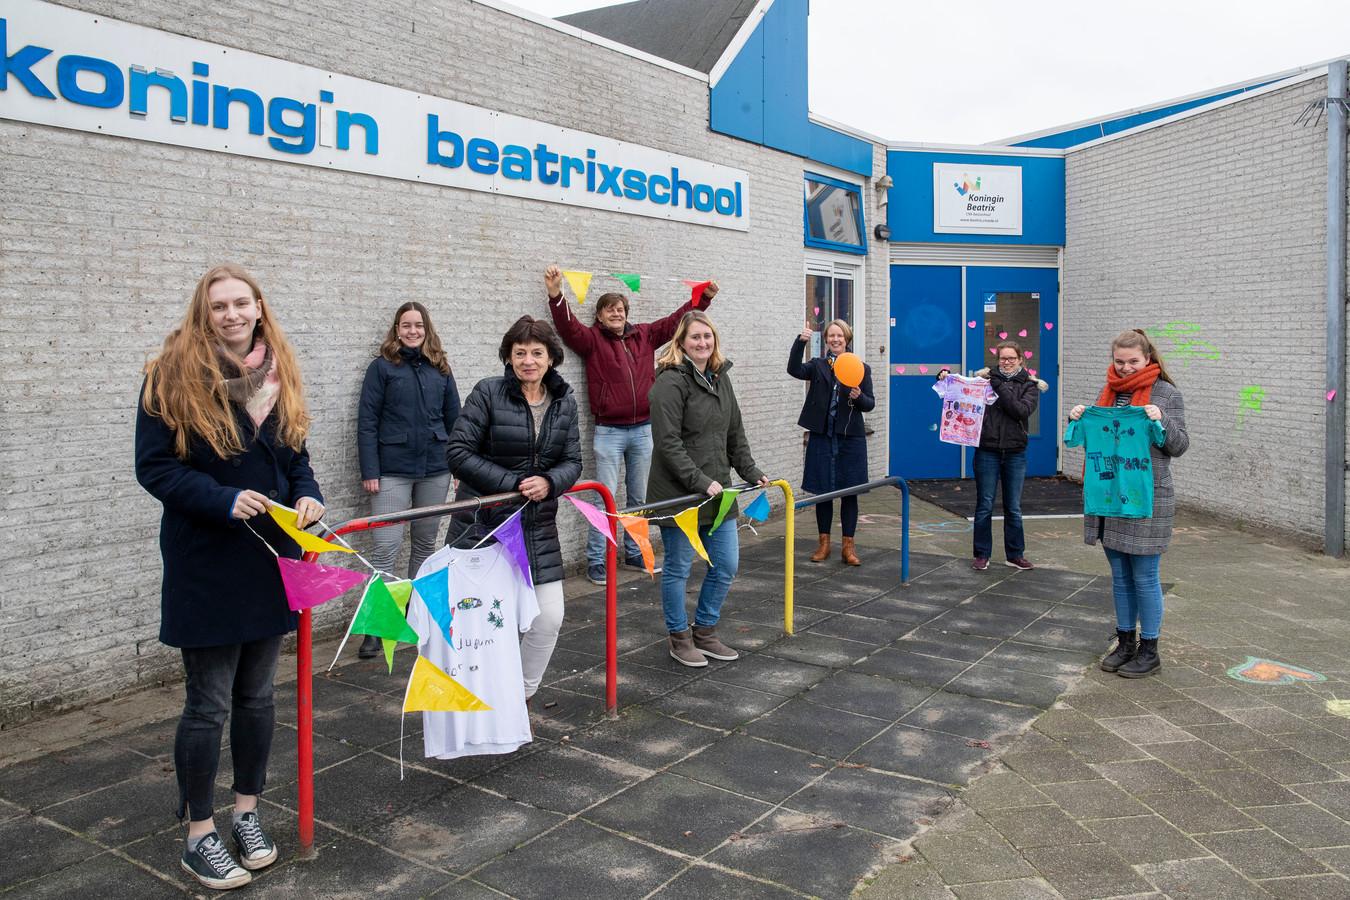 Juffen en meesters van de koningin Beatrixschool werden vanochtend verrast door creatieve knutsels van de kinderen.